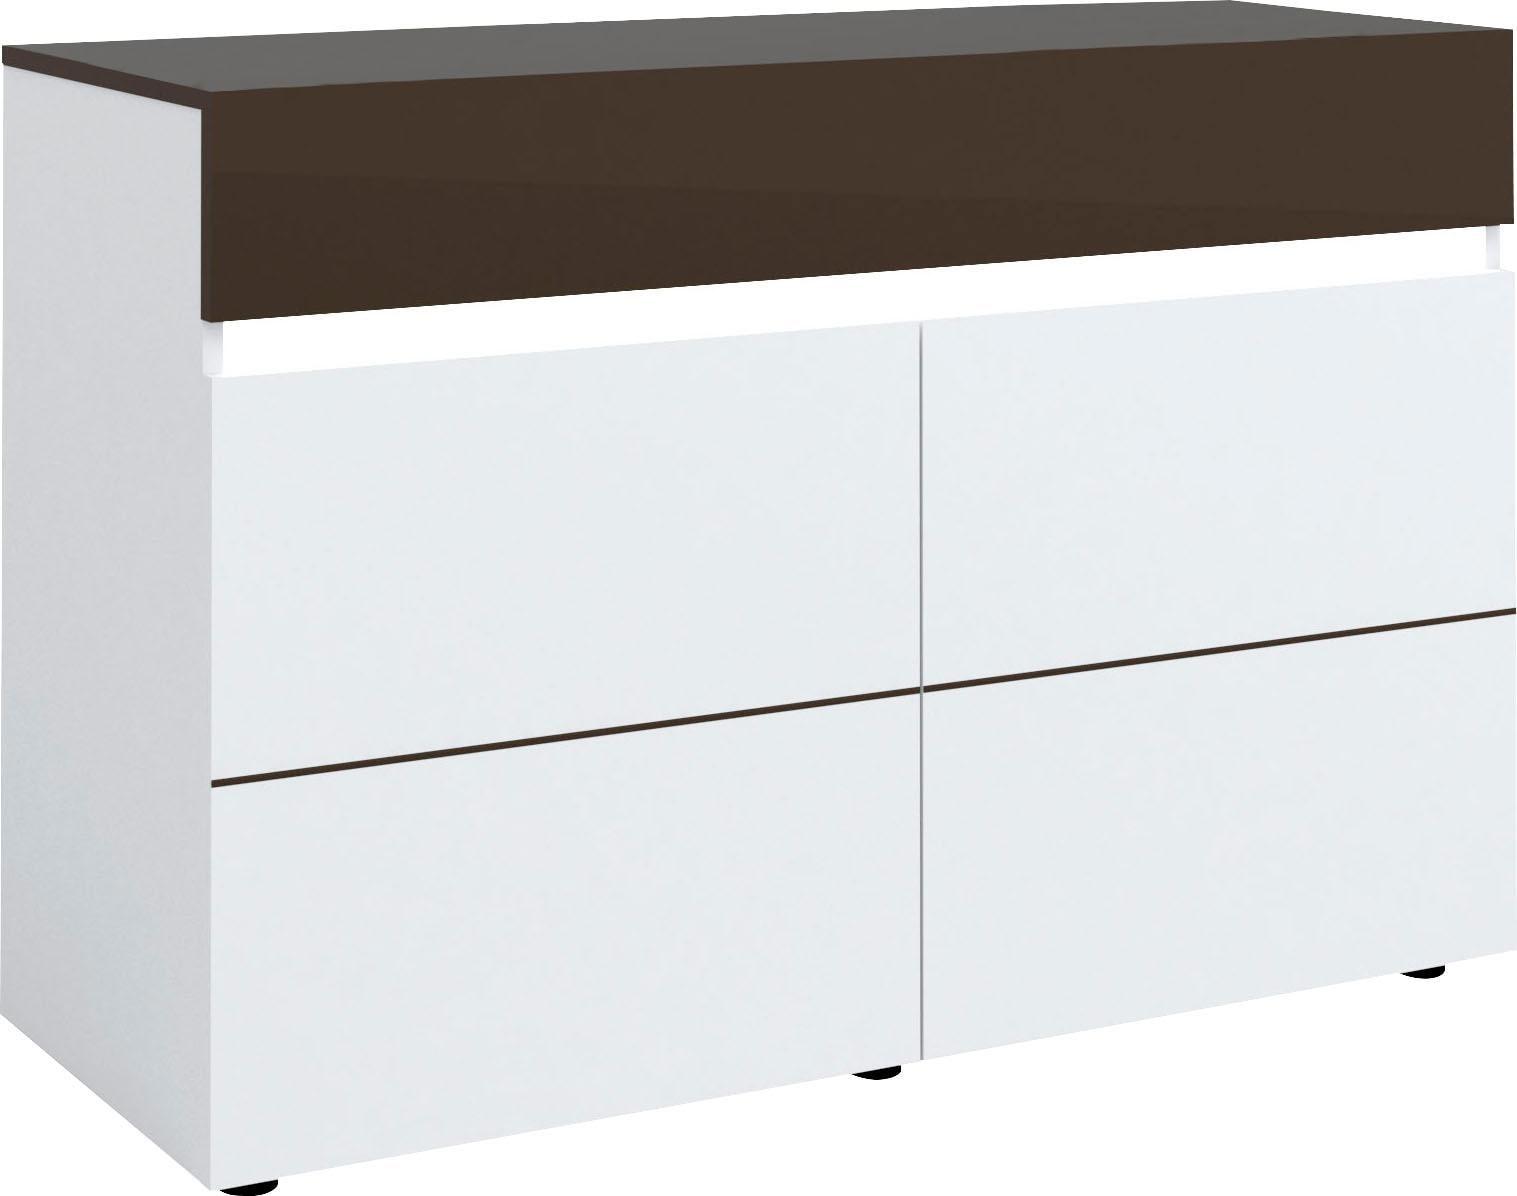 SCIAE Sideboard Karat Breite 135 cm